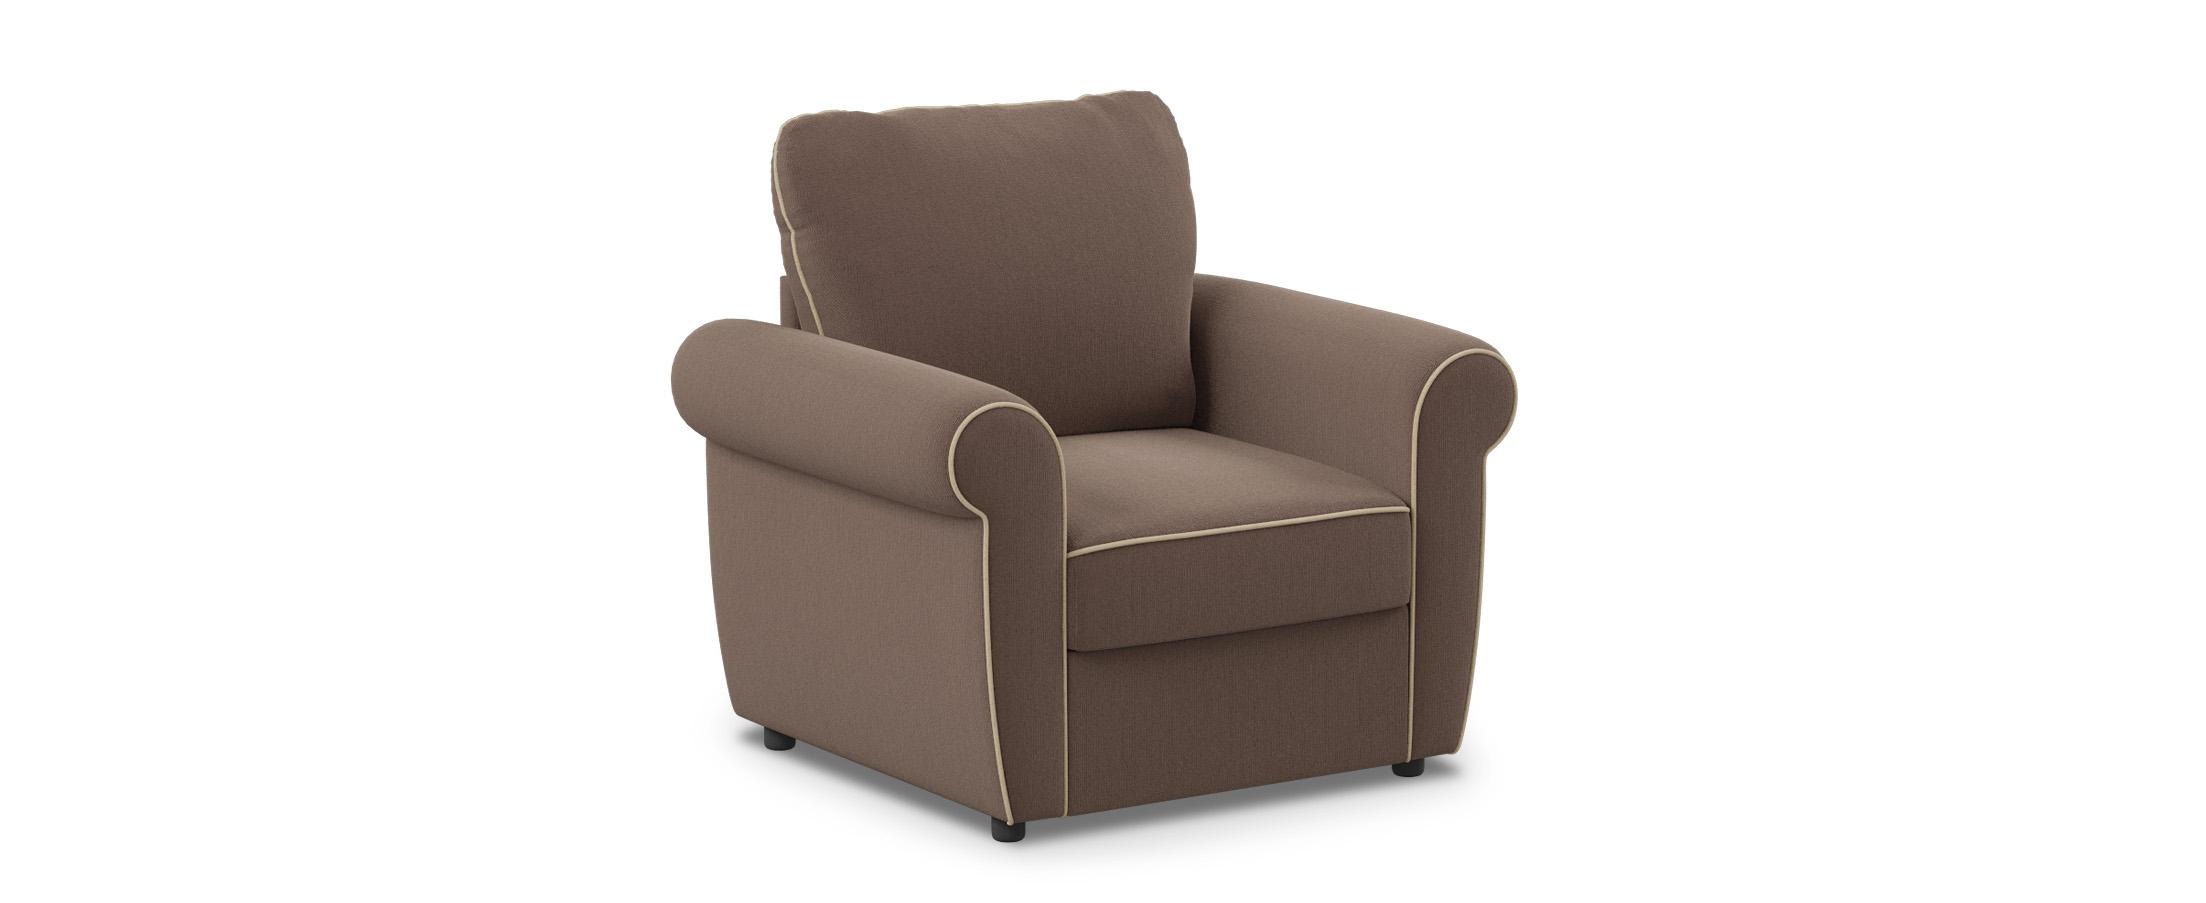 Кресло тканевое Гамбург 123Купить коричневое кресло Гамбург 123. Доставка от 1 дня. Подъём, сборка, вынос упаковки. Гарантия 18 месяцев. Интернет-магазин мебели MOON-TRADE.RU.